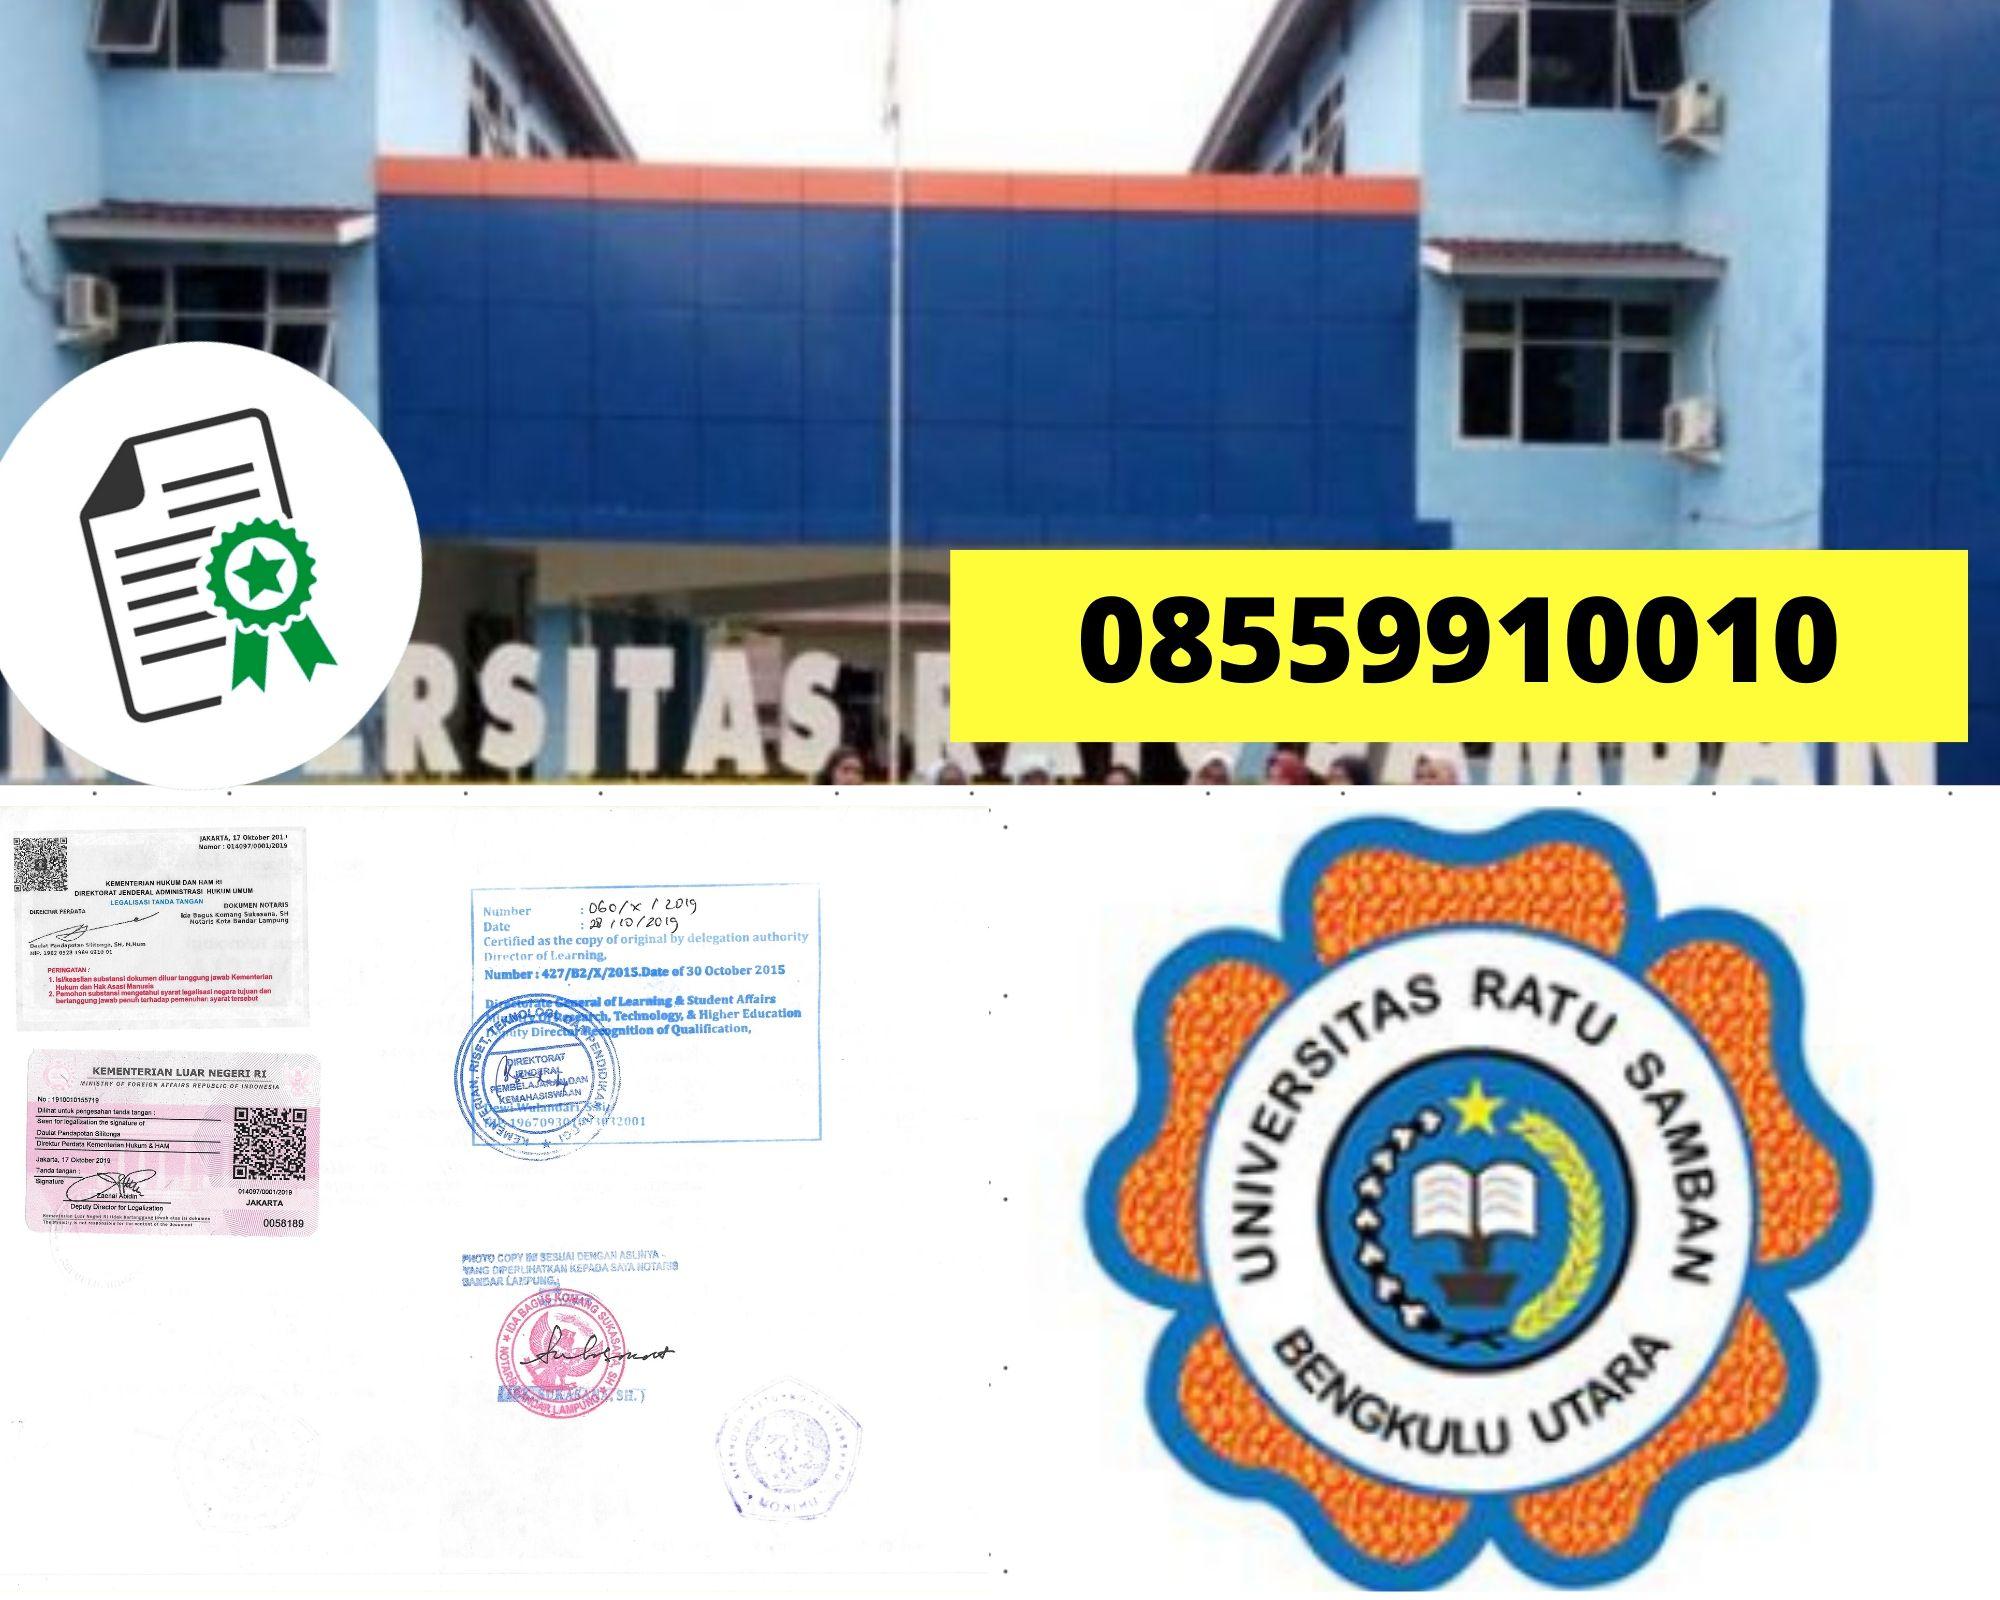 Jasa Legalisir Ijazah Universitas Ratu Samban Arga Makmur Bengkulu Utara Di Kemenristek Dikti 08559910010 Jasa Legalisir Com